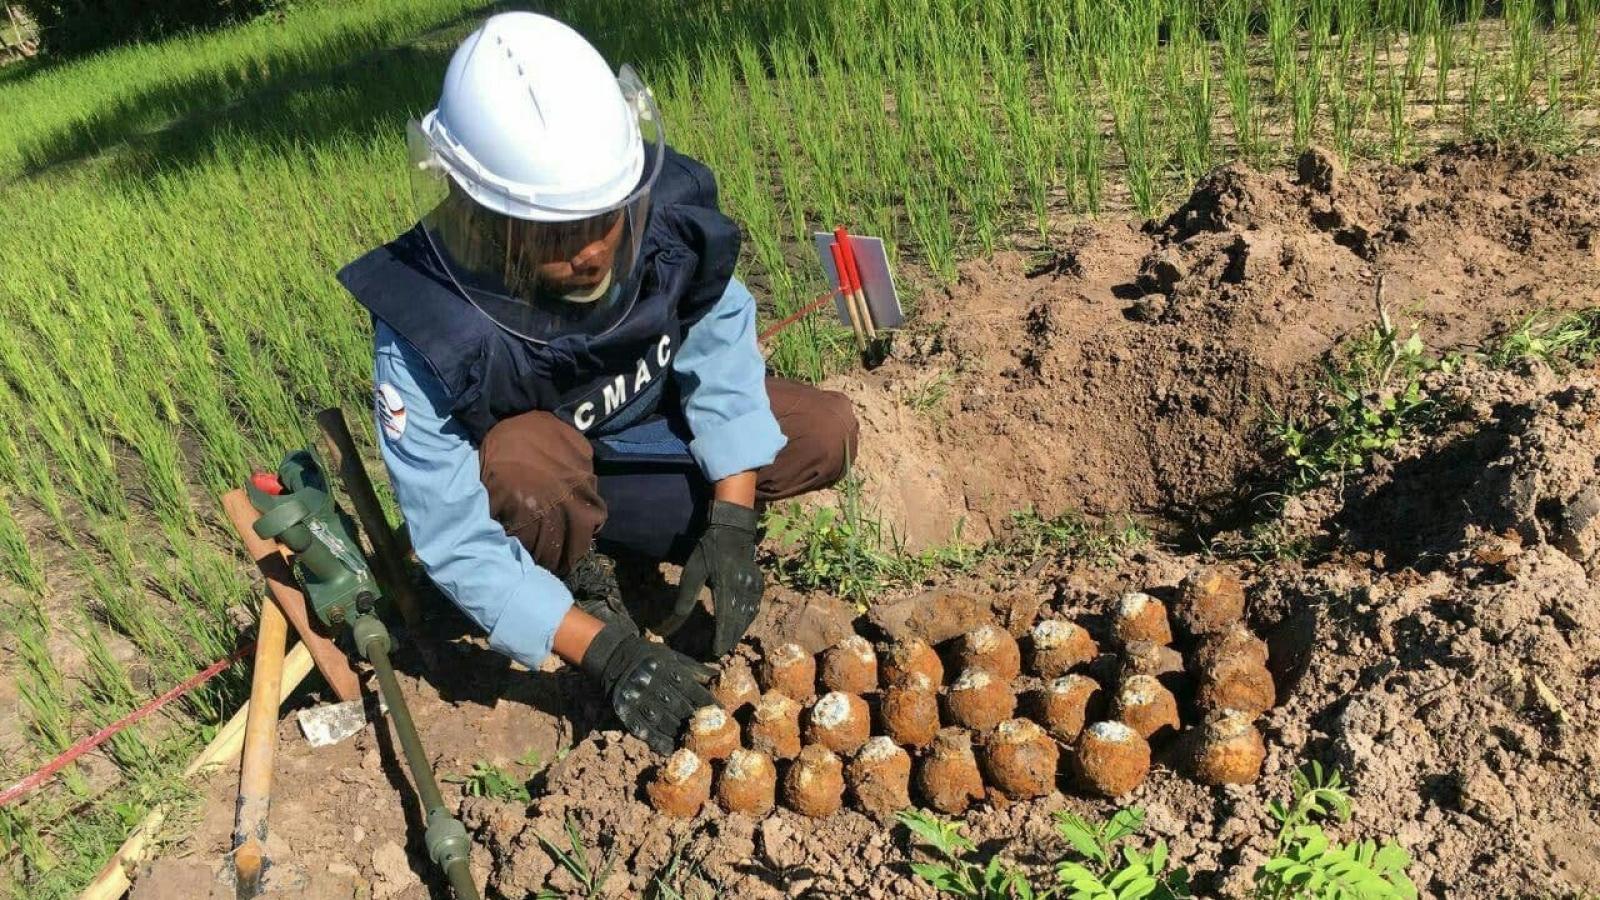 Mỹ viện trợ 1,6 triệu USD để rà phá bom chùm tại Campuchia